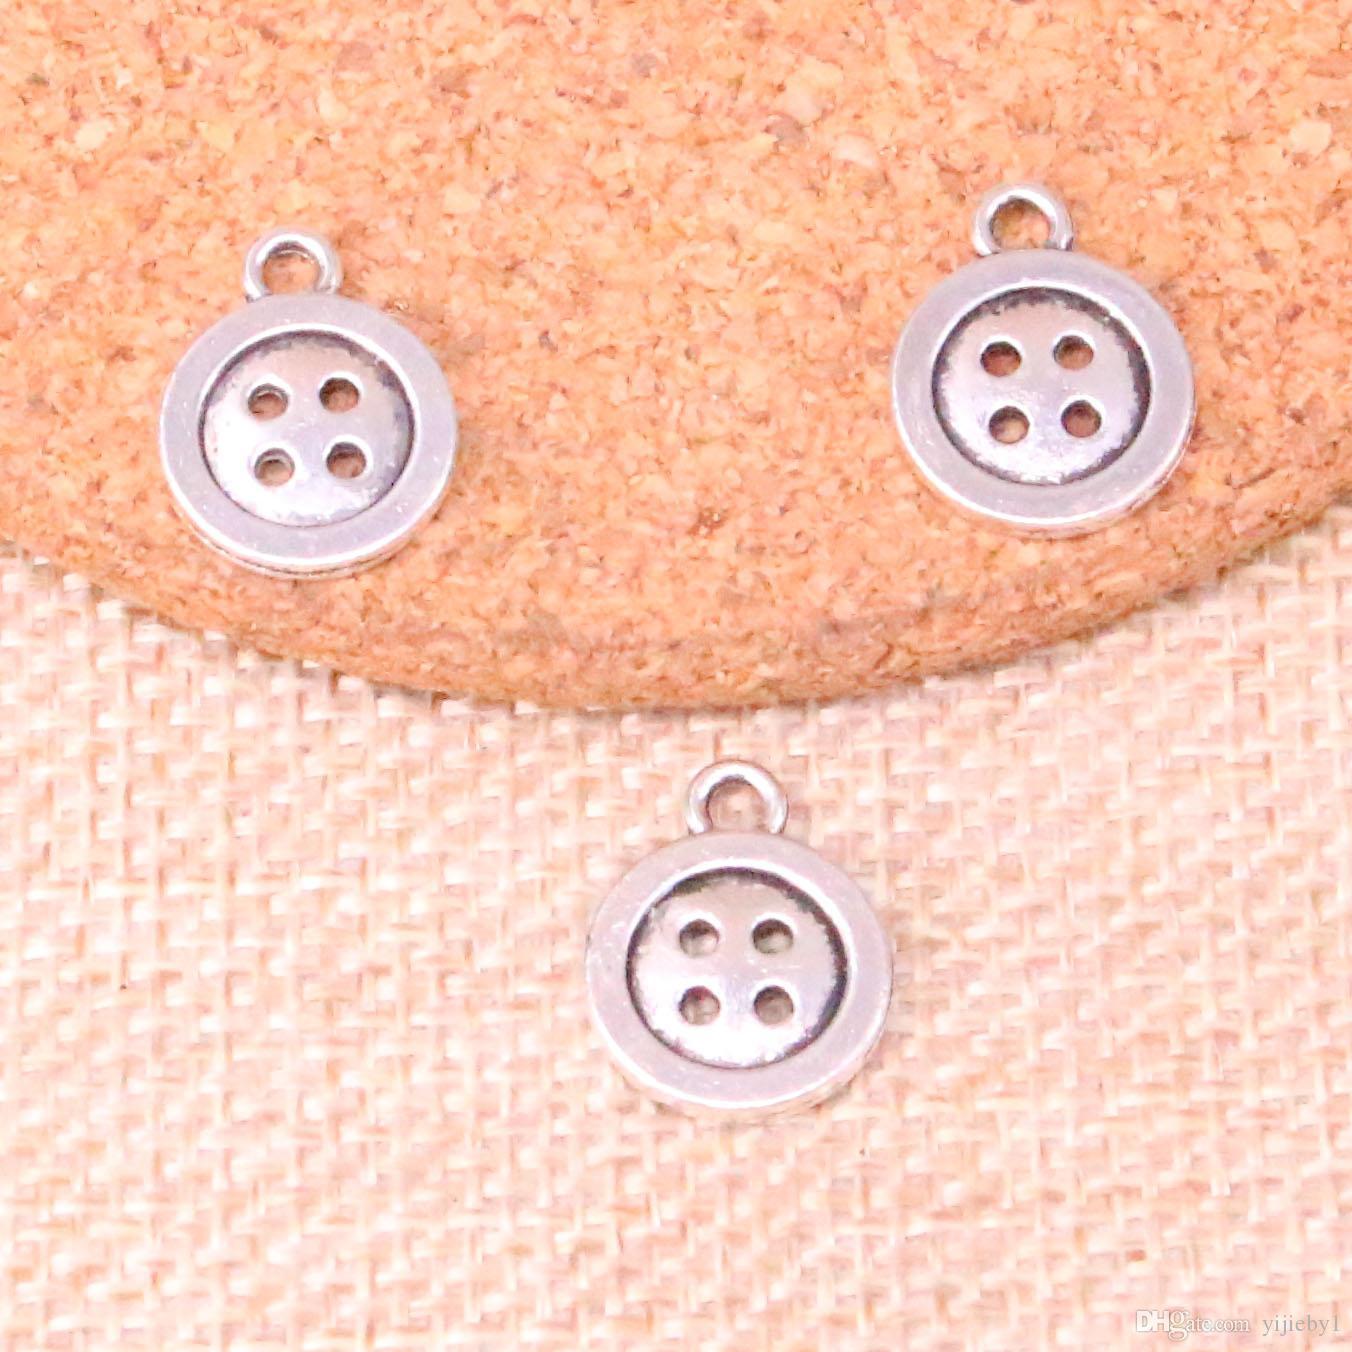 145 stücke Charme doppelseitige taste Antikes Silber Überzogene Anhänger Fit Schmuck, Die Entdeckungen Zubehör 13mm